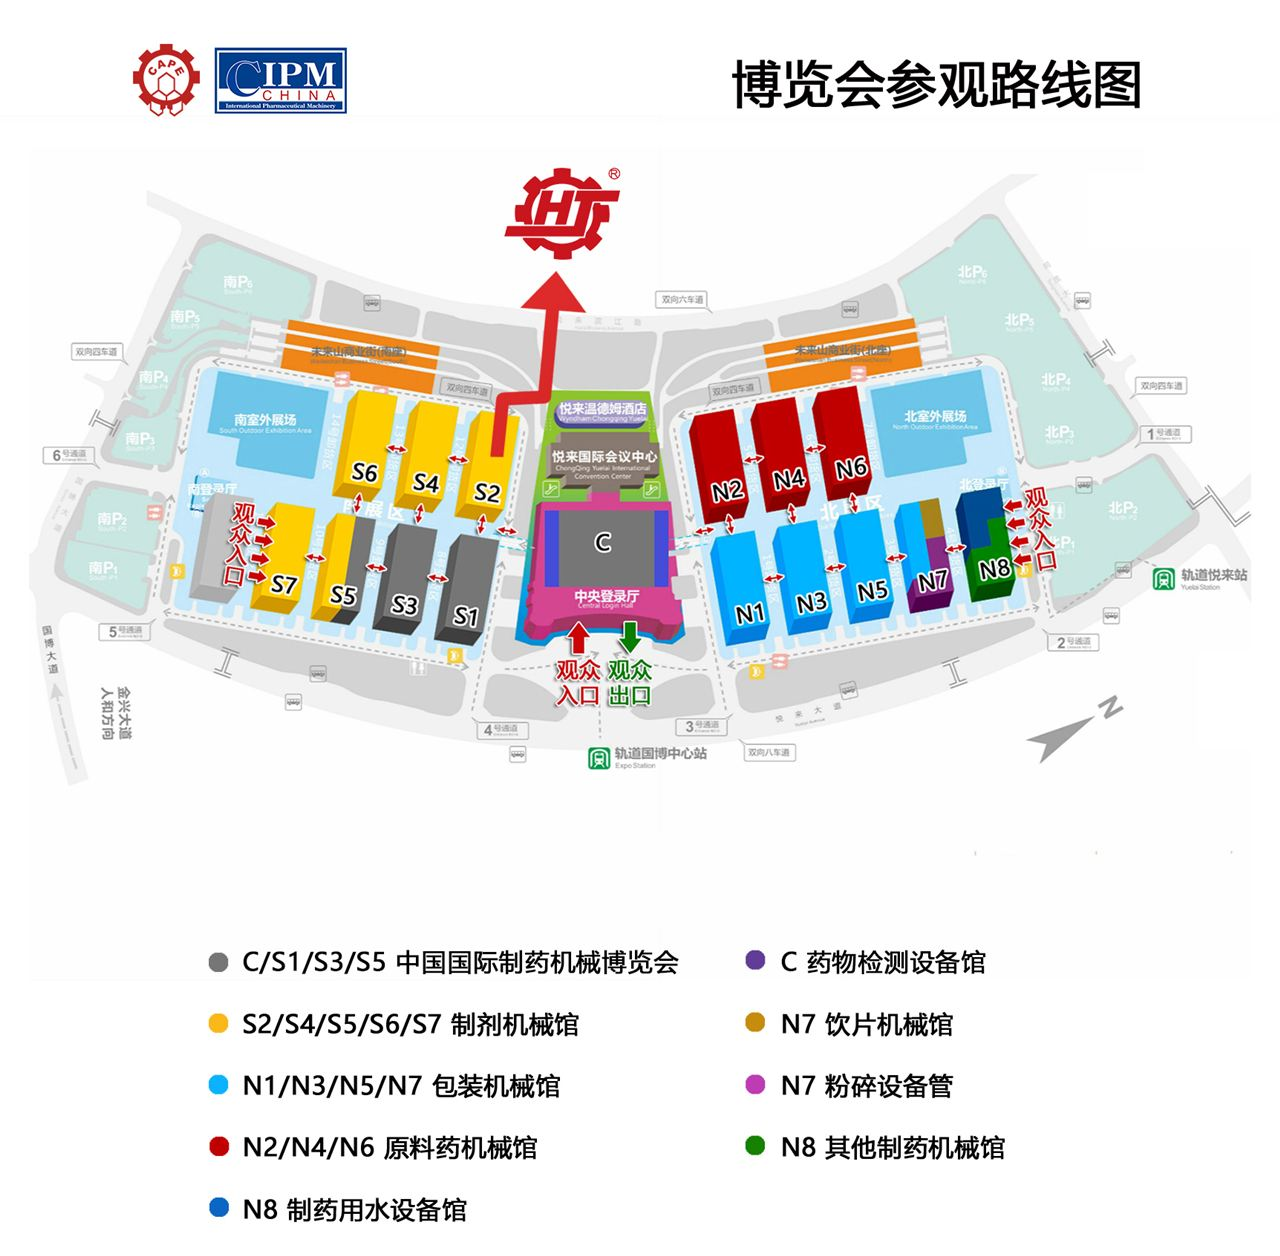 廣東惠機制藥裝備有限公司即將參加第58屆全國制藥機械博覽會